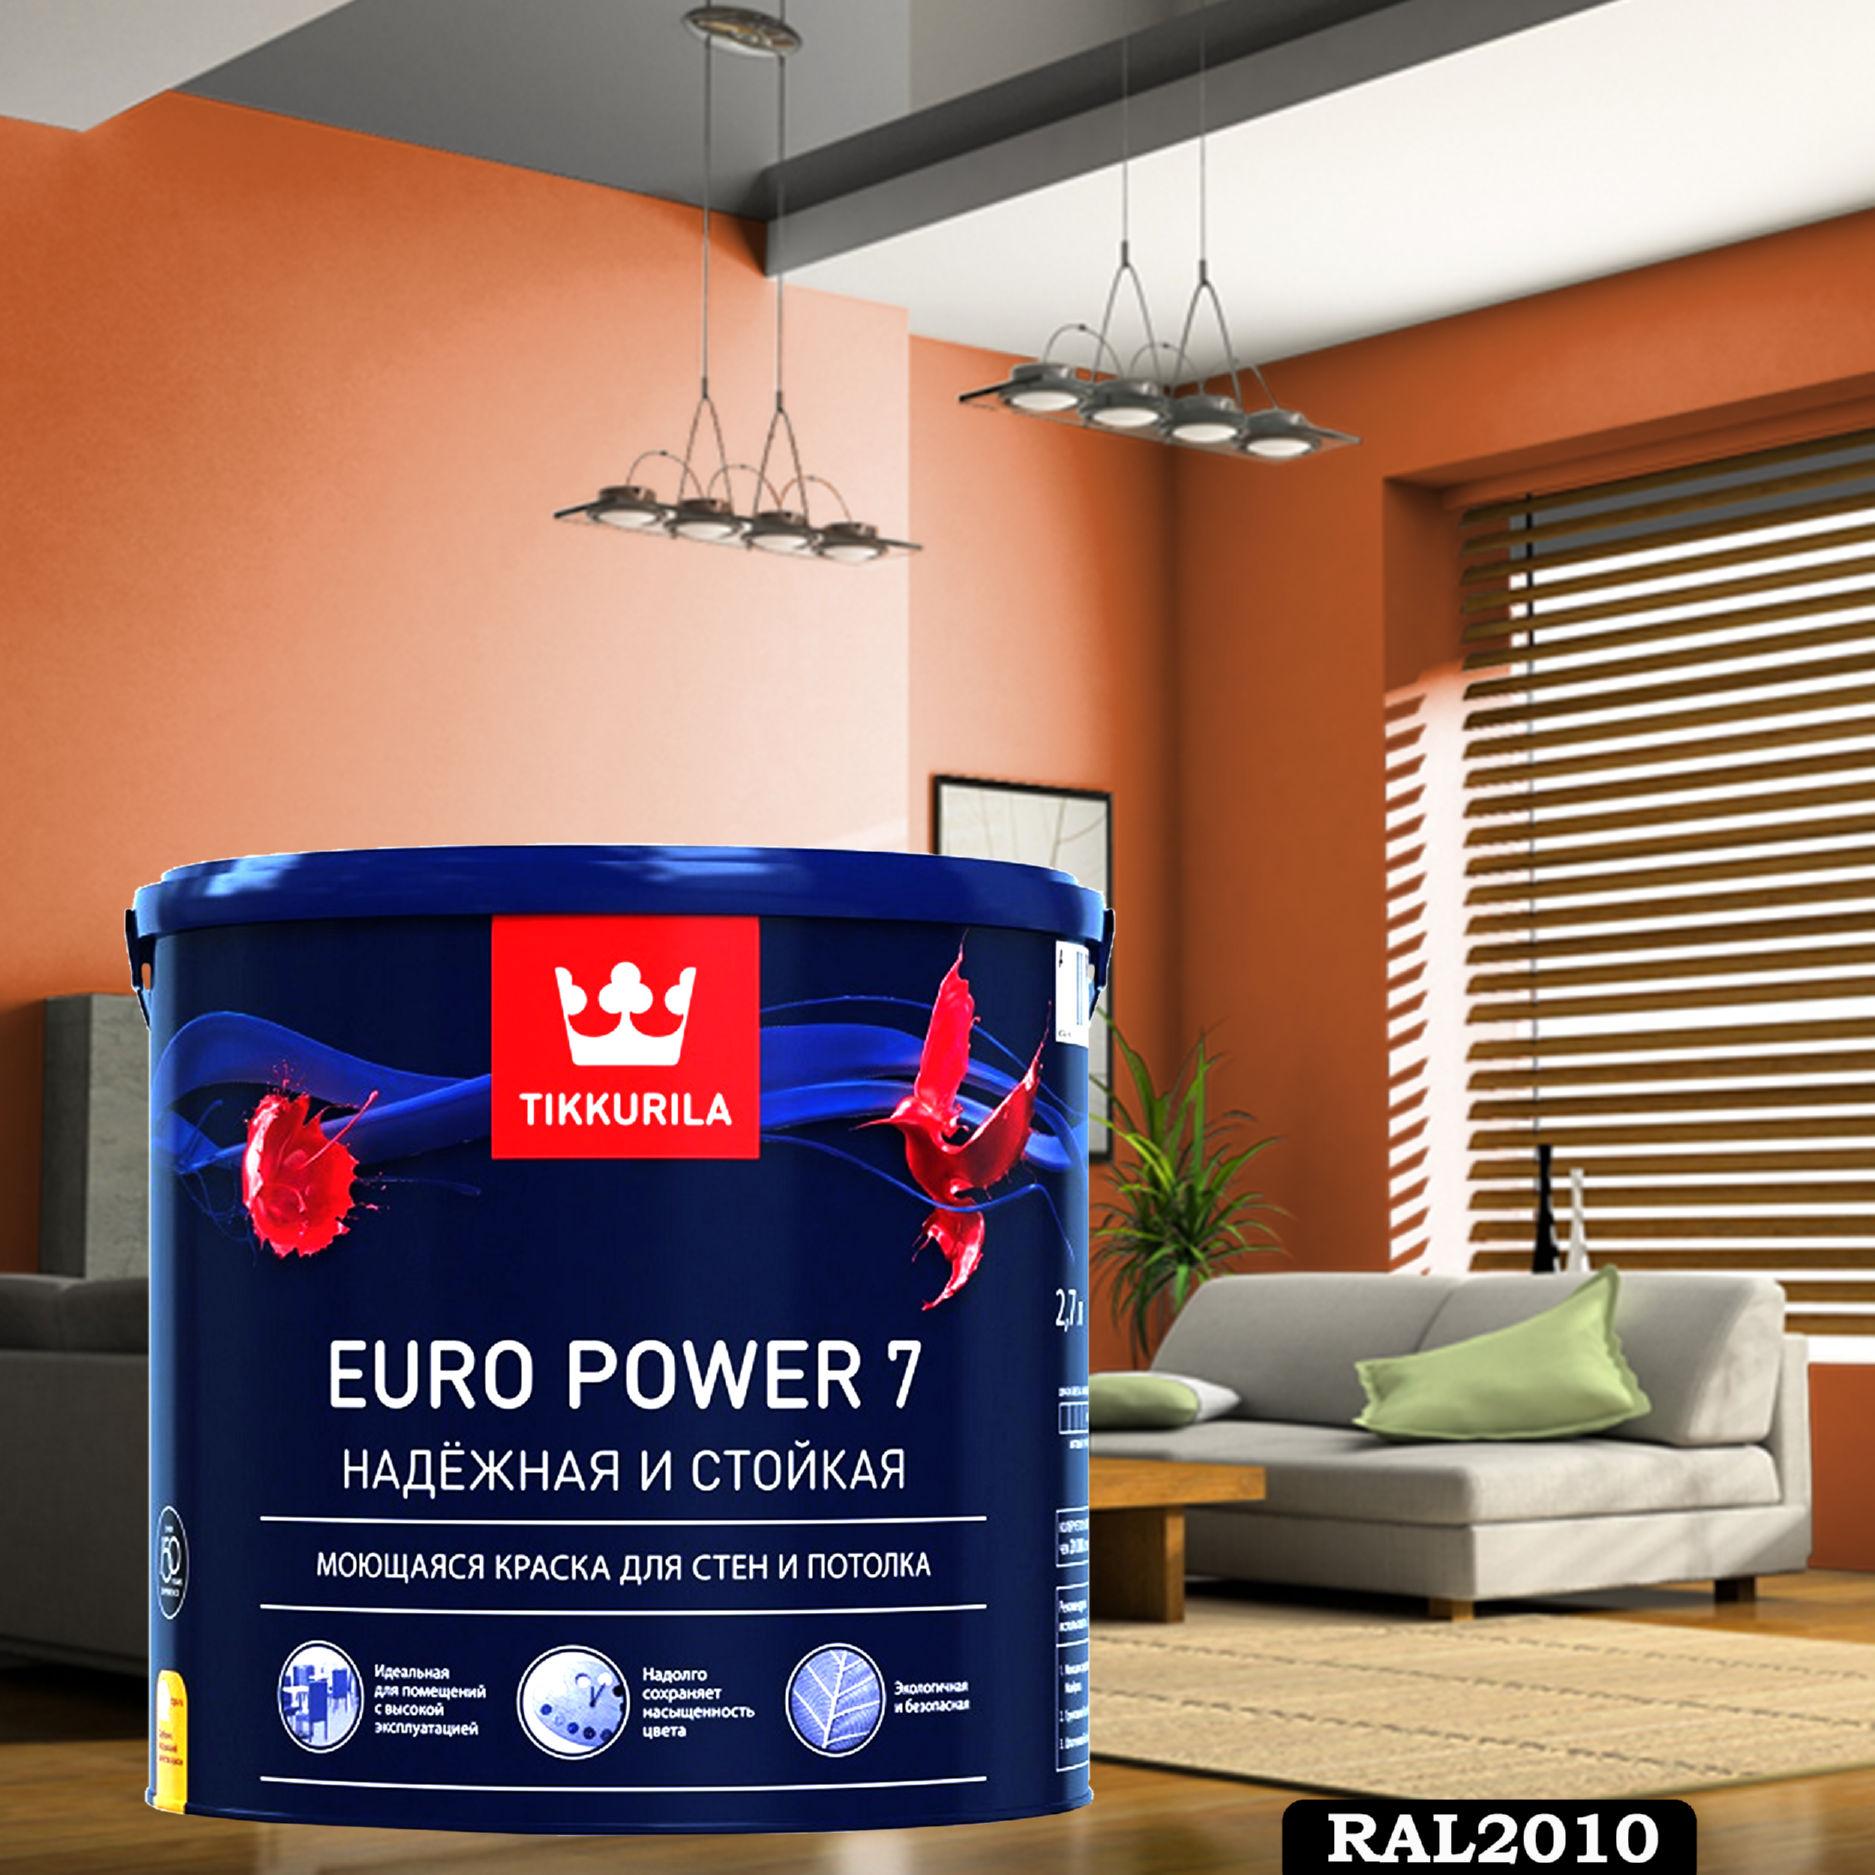 Фото 8 - Краска TIKKURILA Euro Power 7,  RAL 2010 Сигнальный-оранжевый, латексная моющаяся матовая интерьерная, 9 л.